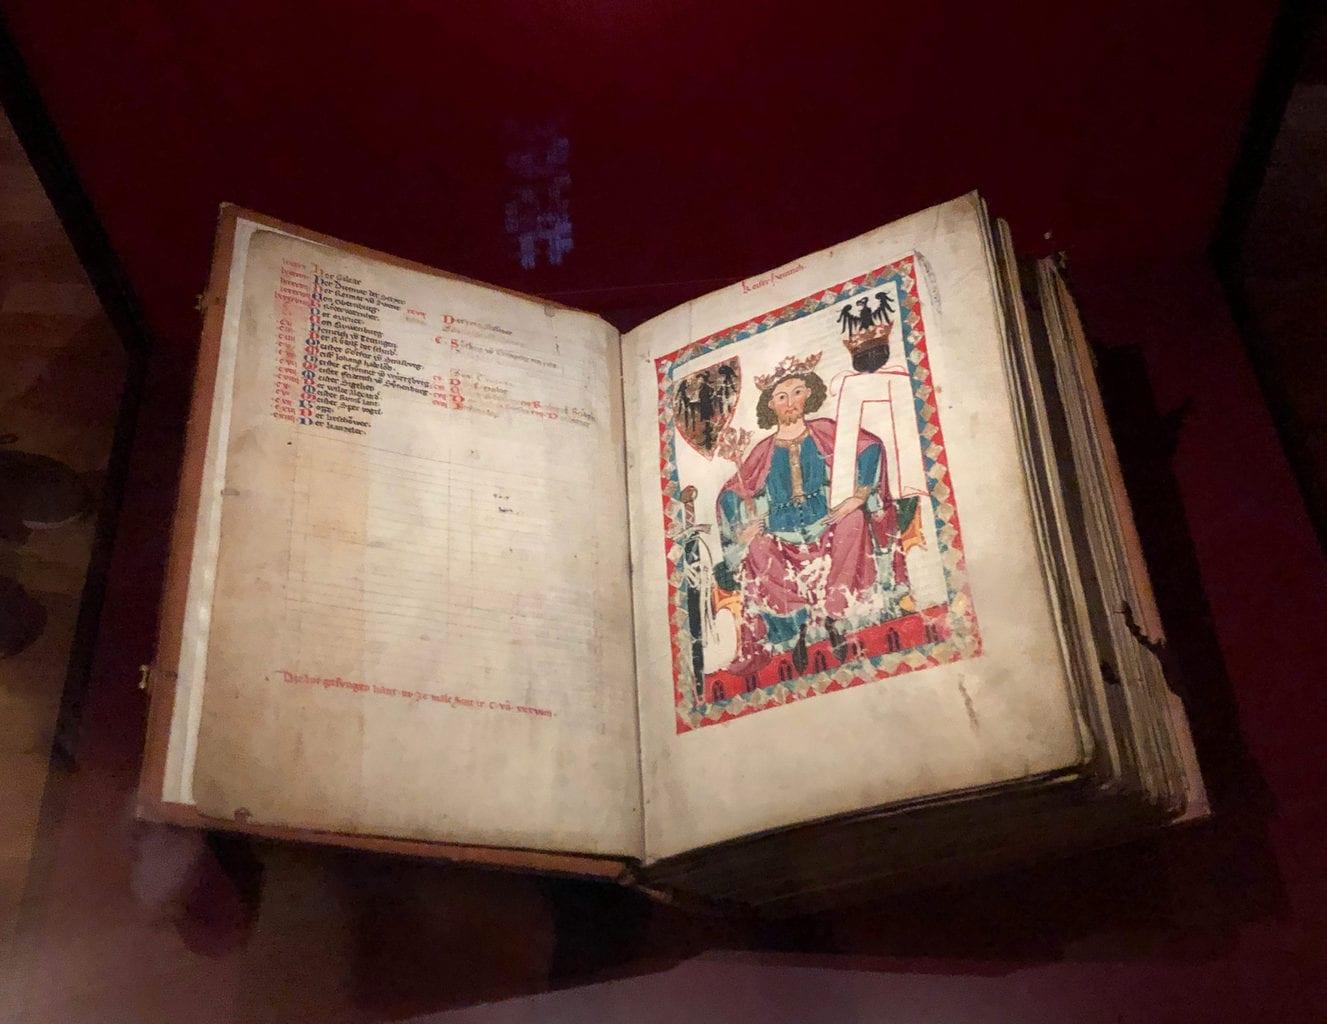 Middeleeuws handschrift uit Heidelberg in het Landesmuseum van Mainz